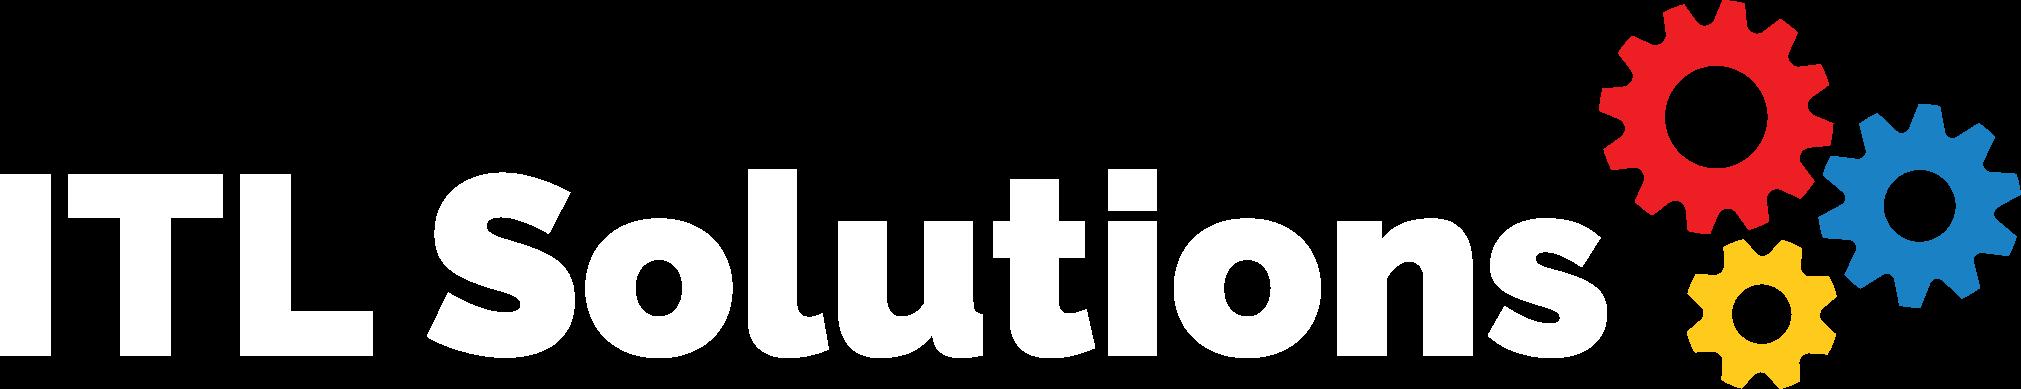 ITL Solutions Logo